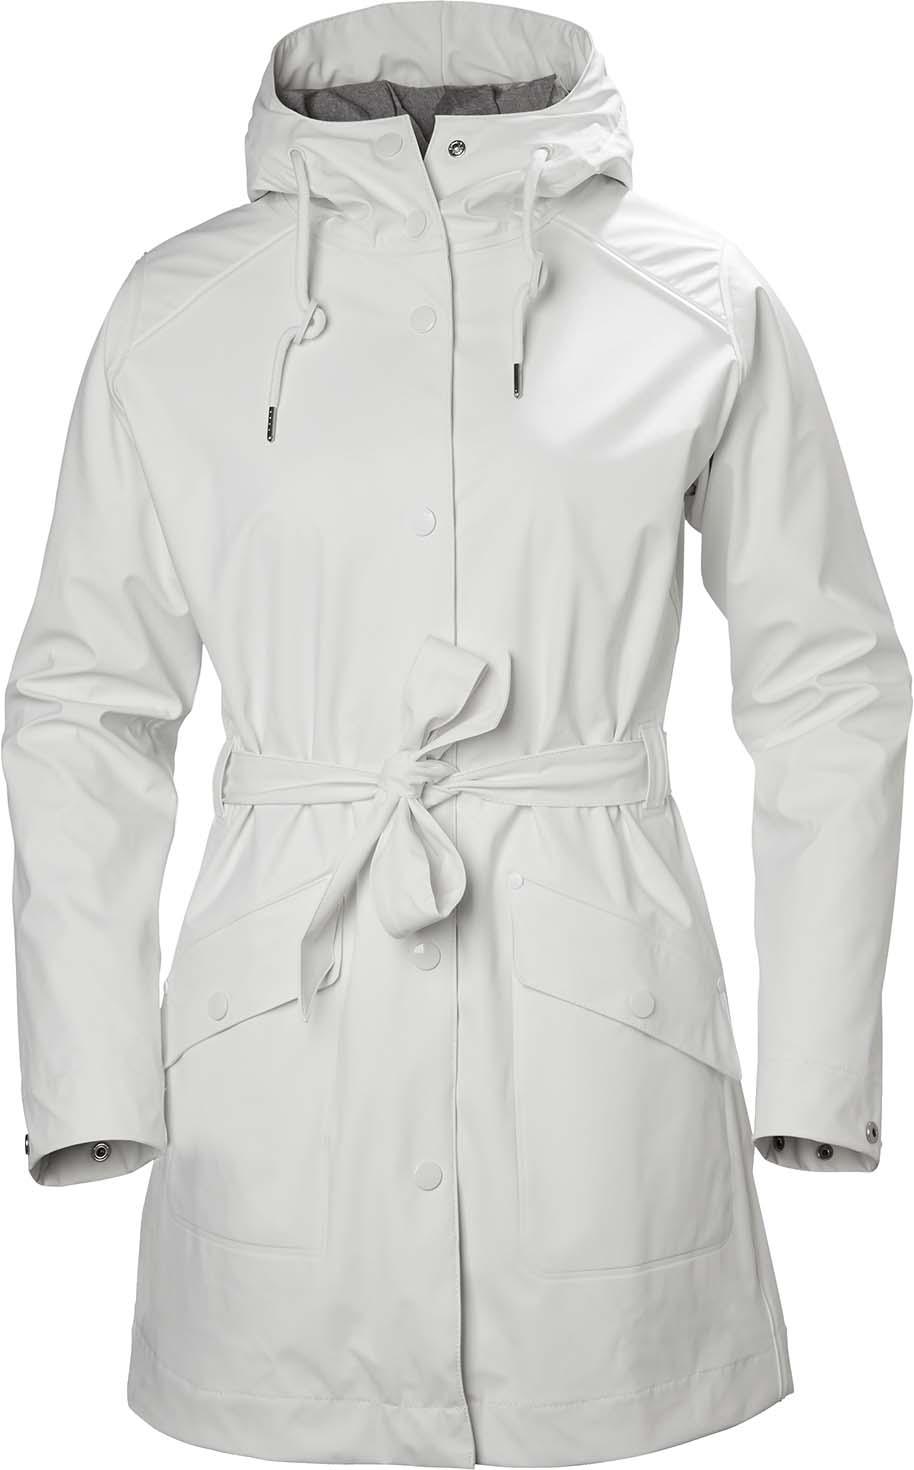 Manteau de pluie pour femme